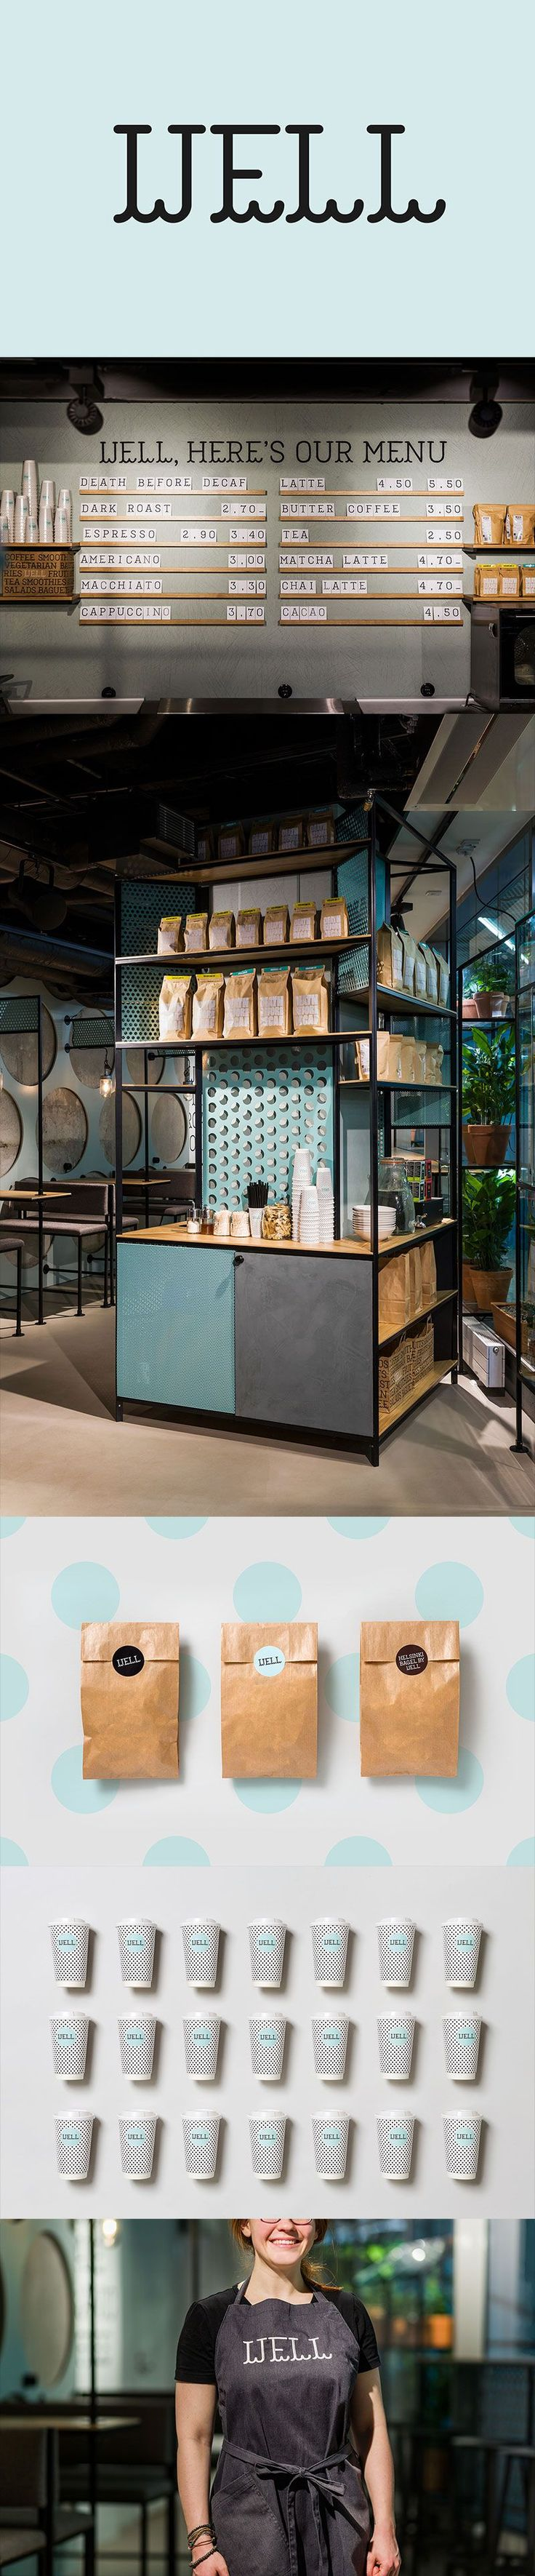 2752 best restaurant+cafe+bar design images on Pinterest ...